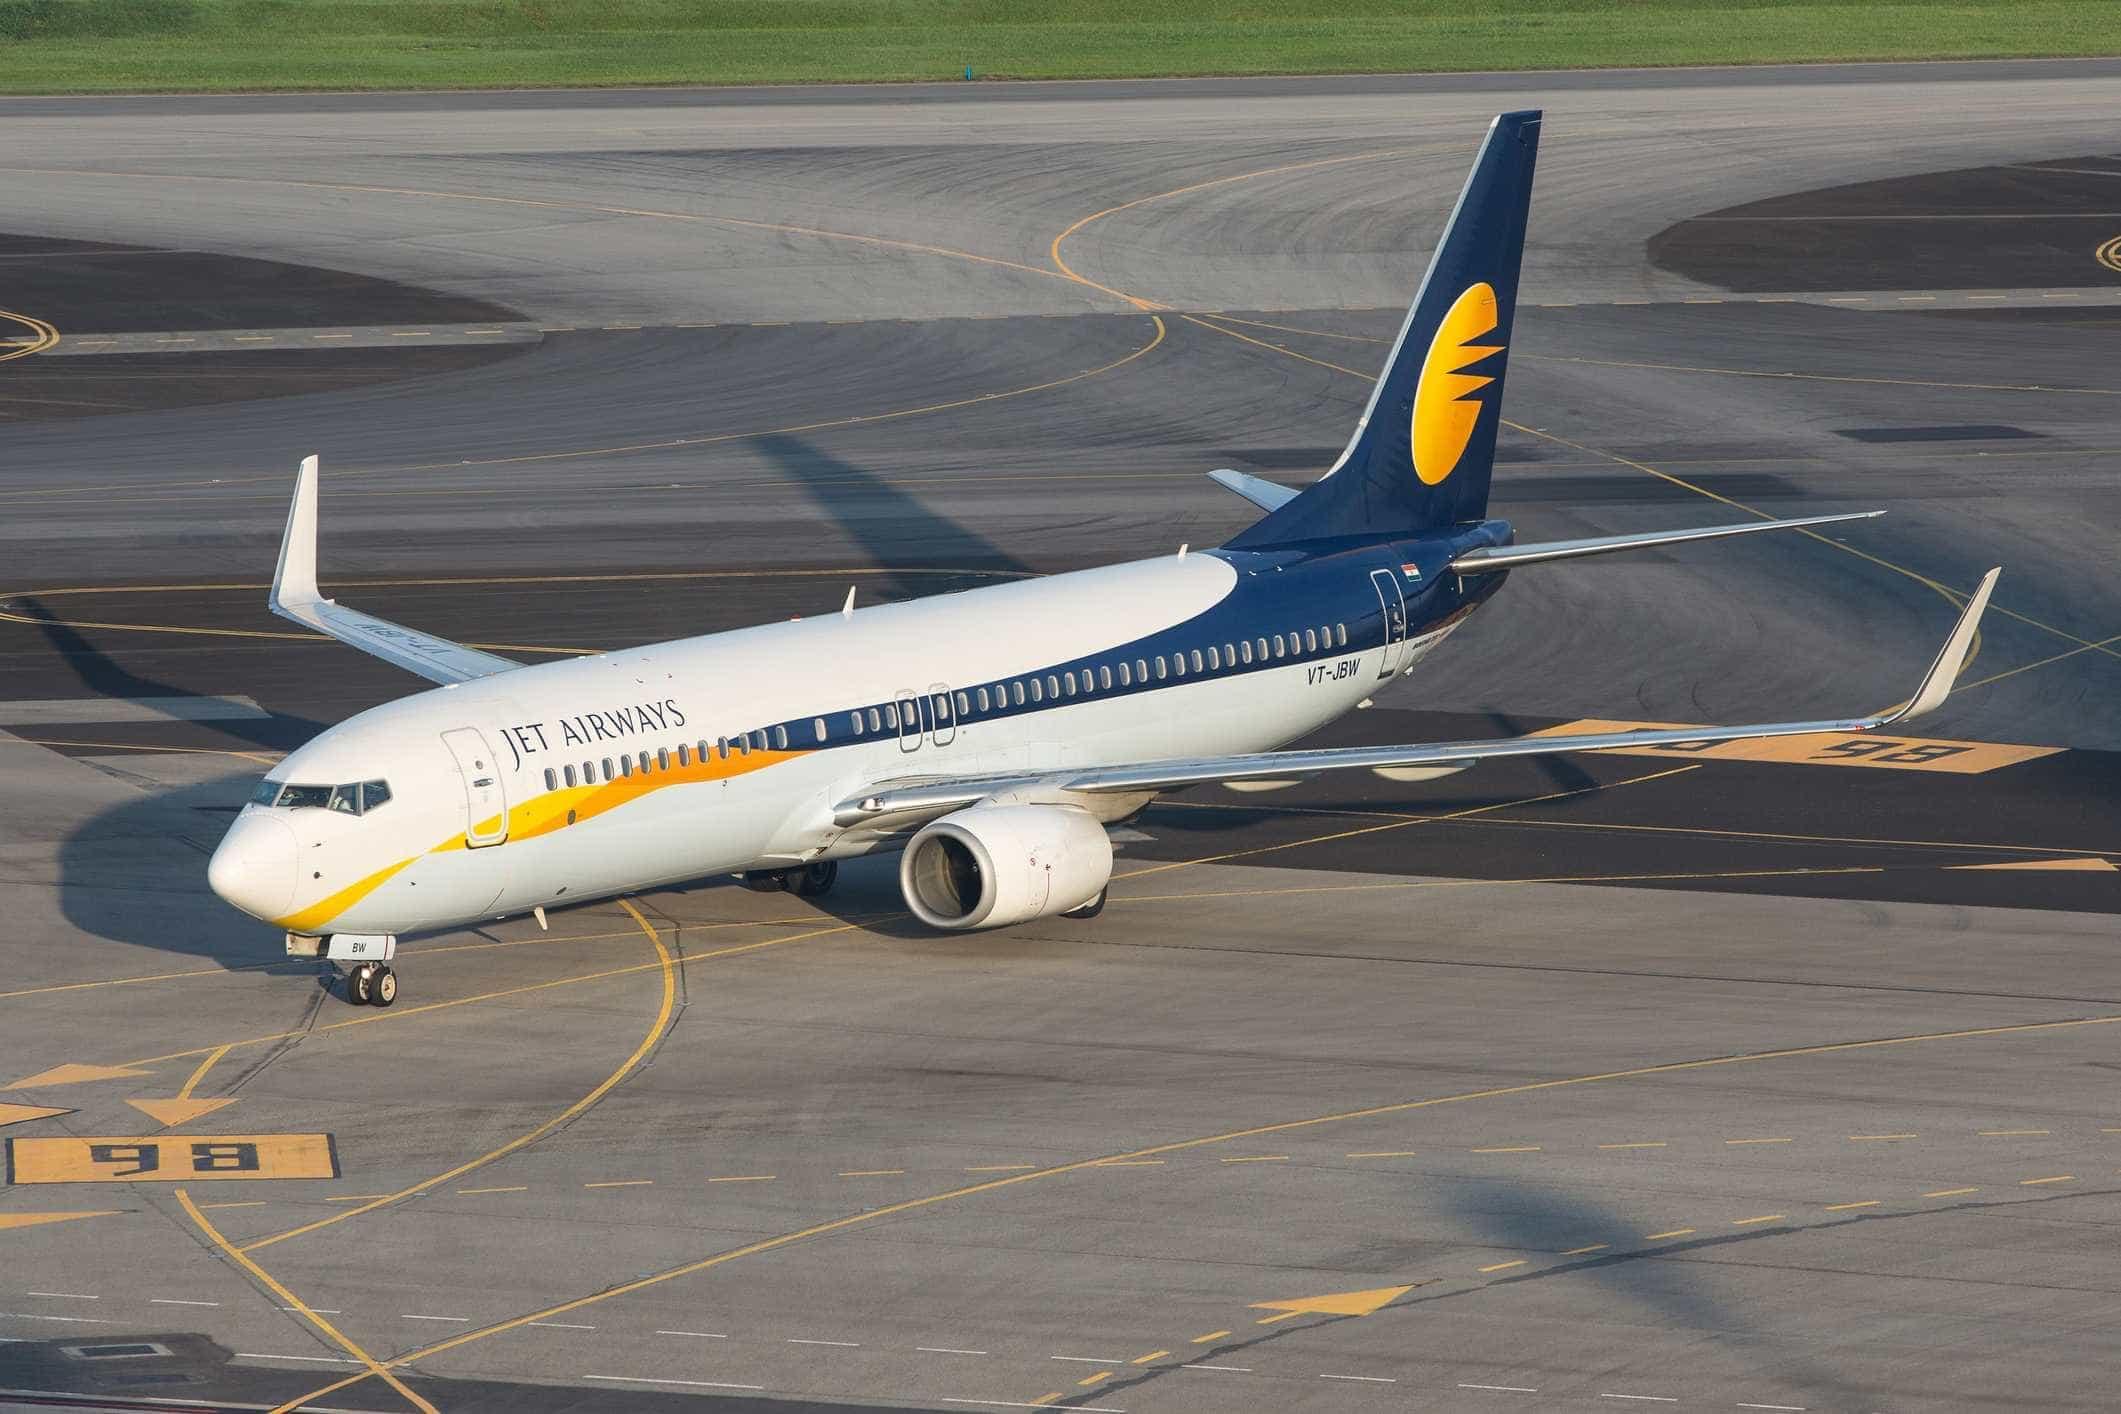 Perda de pressão em avião da Jet Airways obriga a assistir 30 pessoas